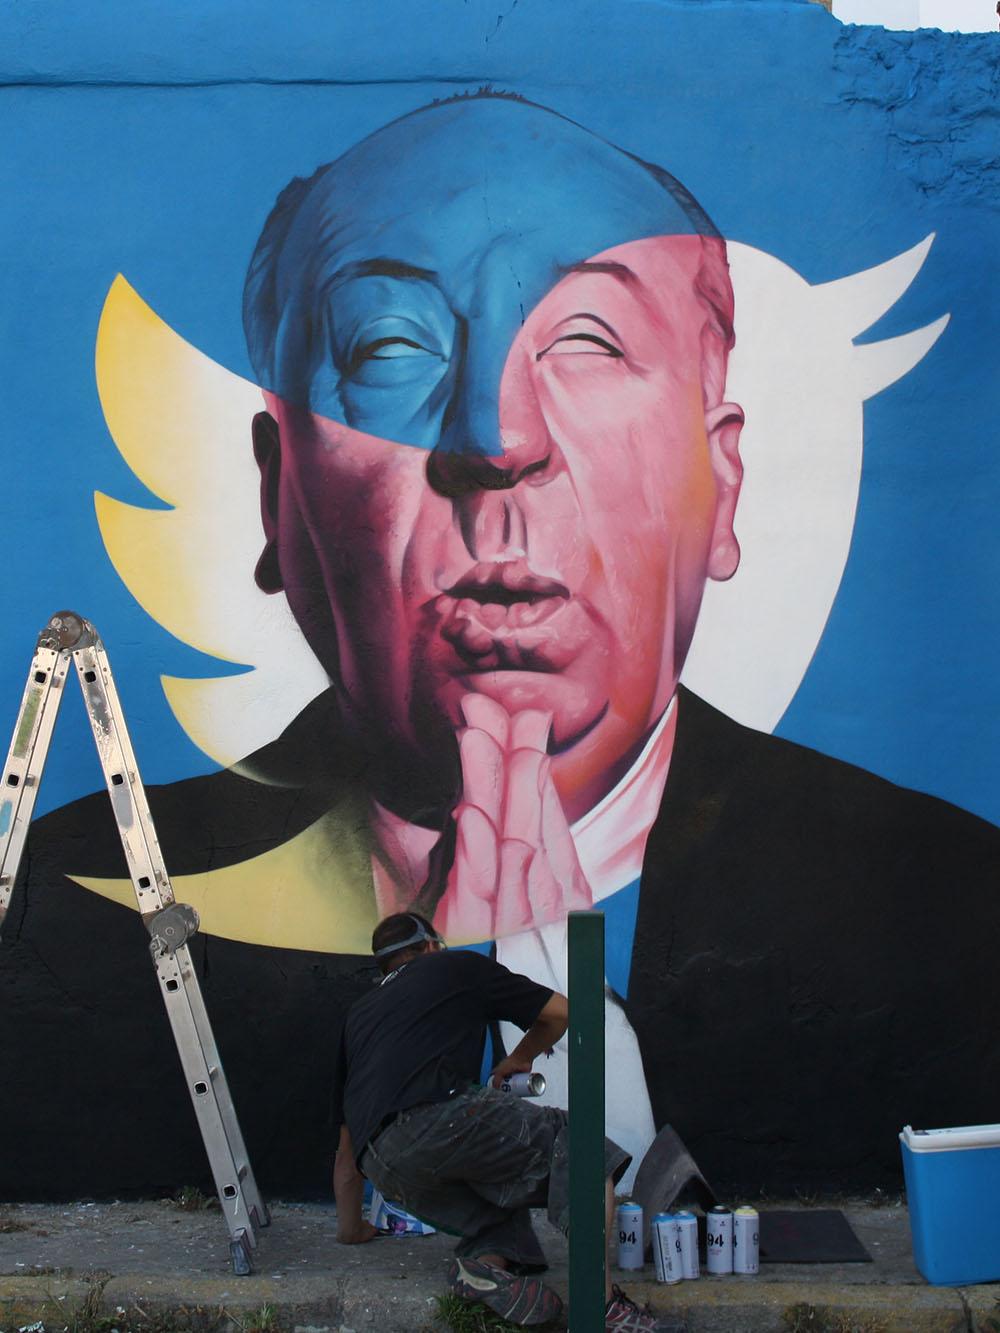 street art interview questions to artist manomatic street art interview questions to manomatic